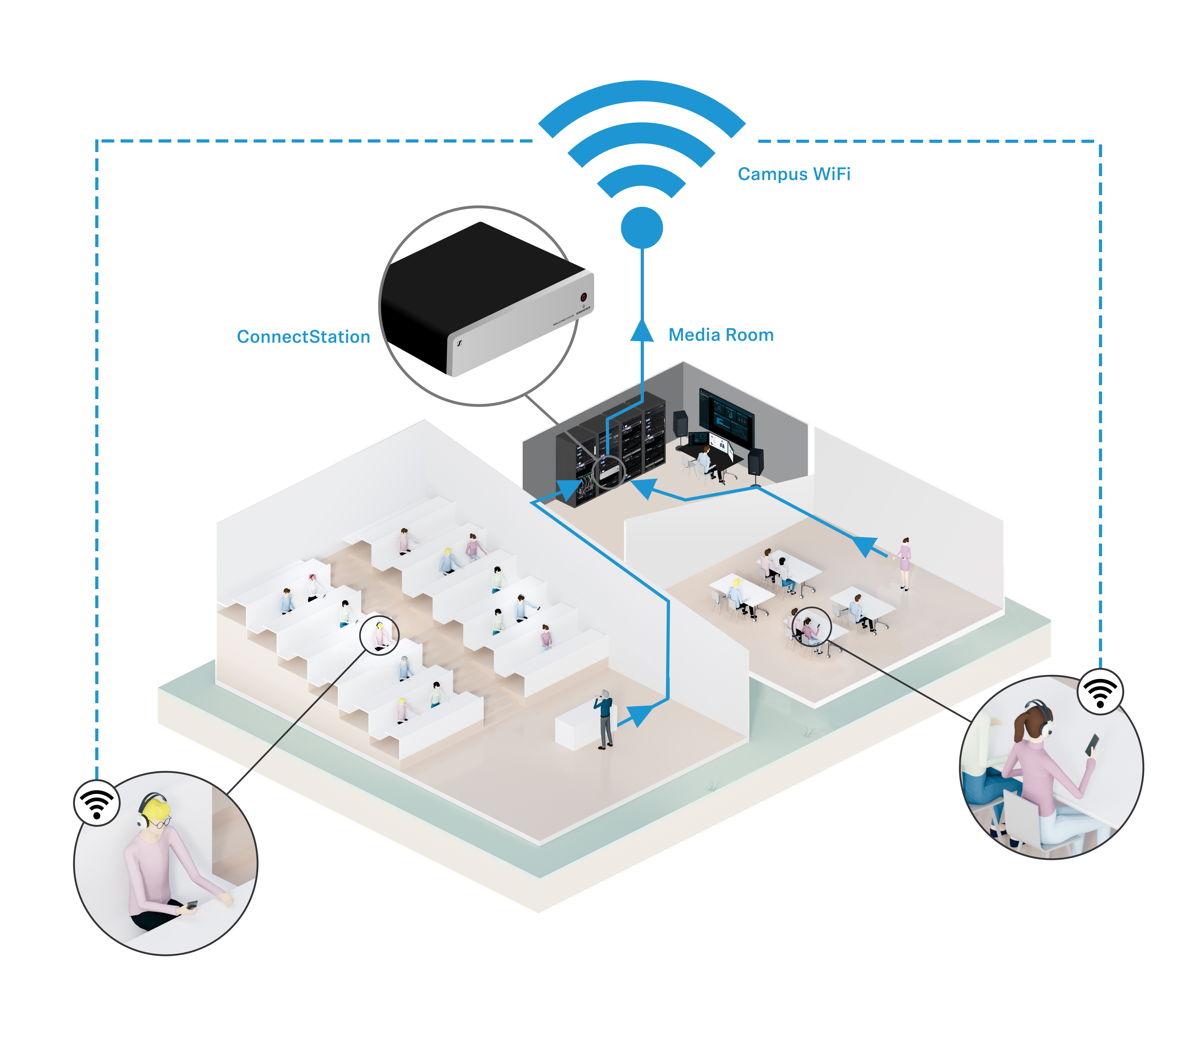 Das Funktionsprinzip von MobileConnect:  Die Audiosignale der Lehrenden laufen zur MobileConnect Station. Hier werden die Signale in netzwerkfähige, digitale Pakete gewandelt. Über den Netzwerk-Ausgang der Station gehen die Audiodaten an die Access Points des WLANs und sind damit überall auf dem Gelände abrufbar. Die Studierenden geben in der Smartphone-App einfach die Kanalnummer ein oder scannen einen QR-Code, um das Audiosignal über Kopfhörer, Induktionszubehör oder Cochlea-Implantat zu hören und individuell anzupassen.